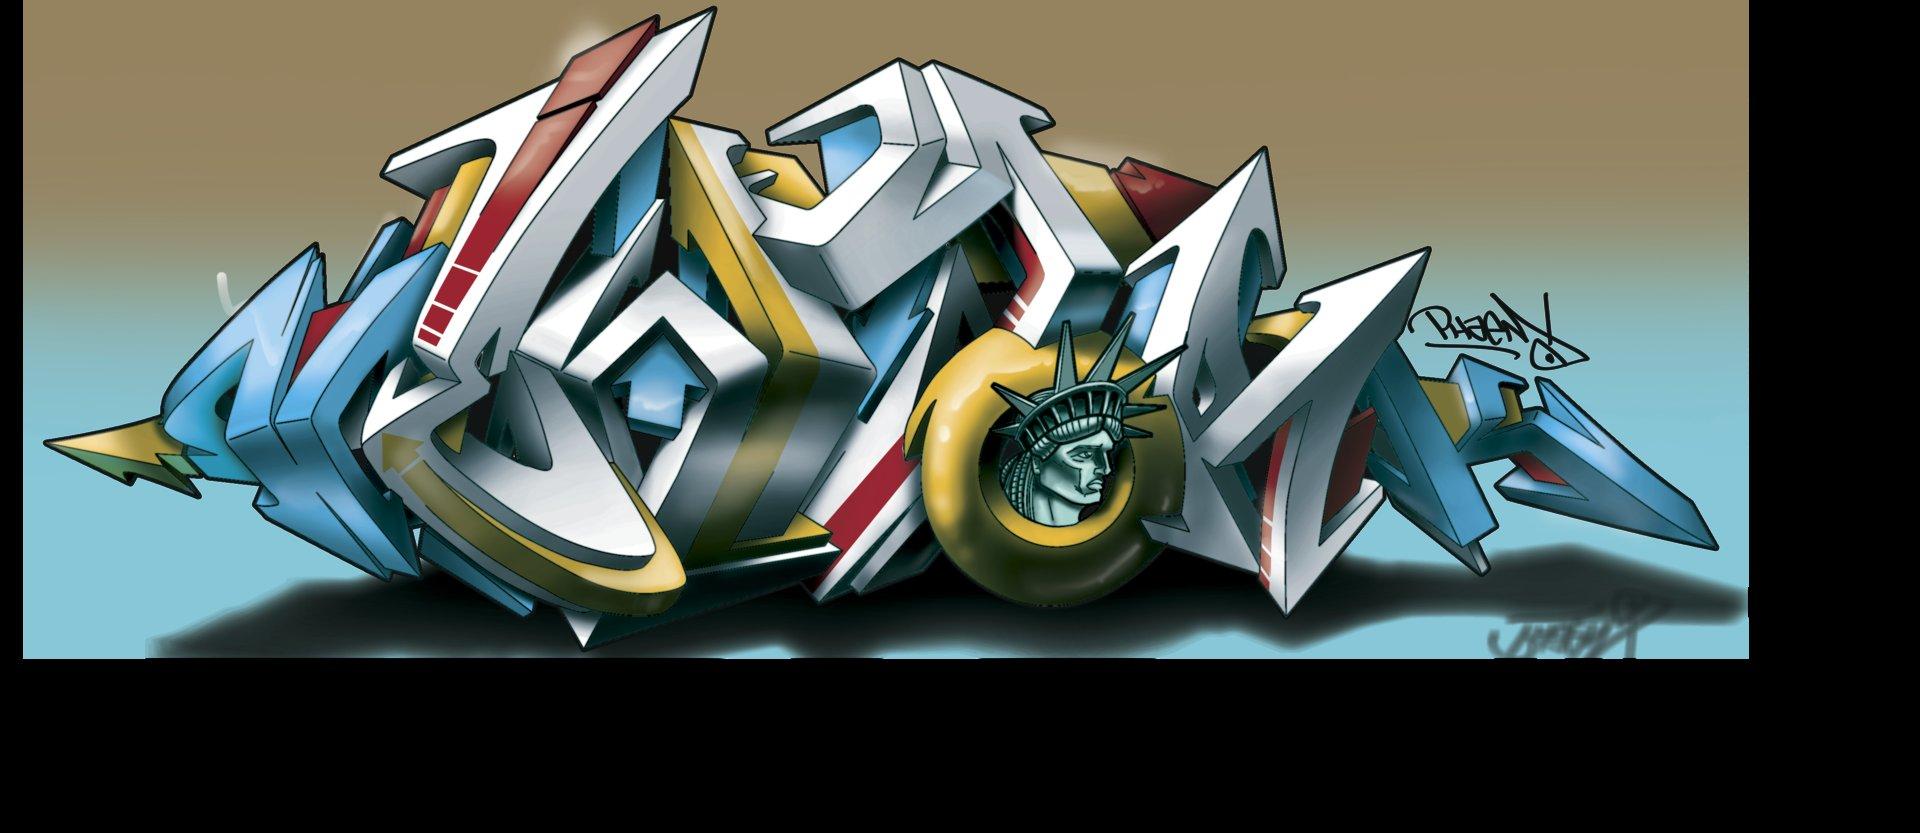 New york graffiti 3d lettering